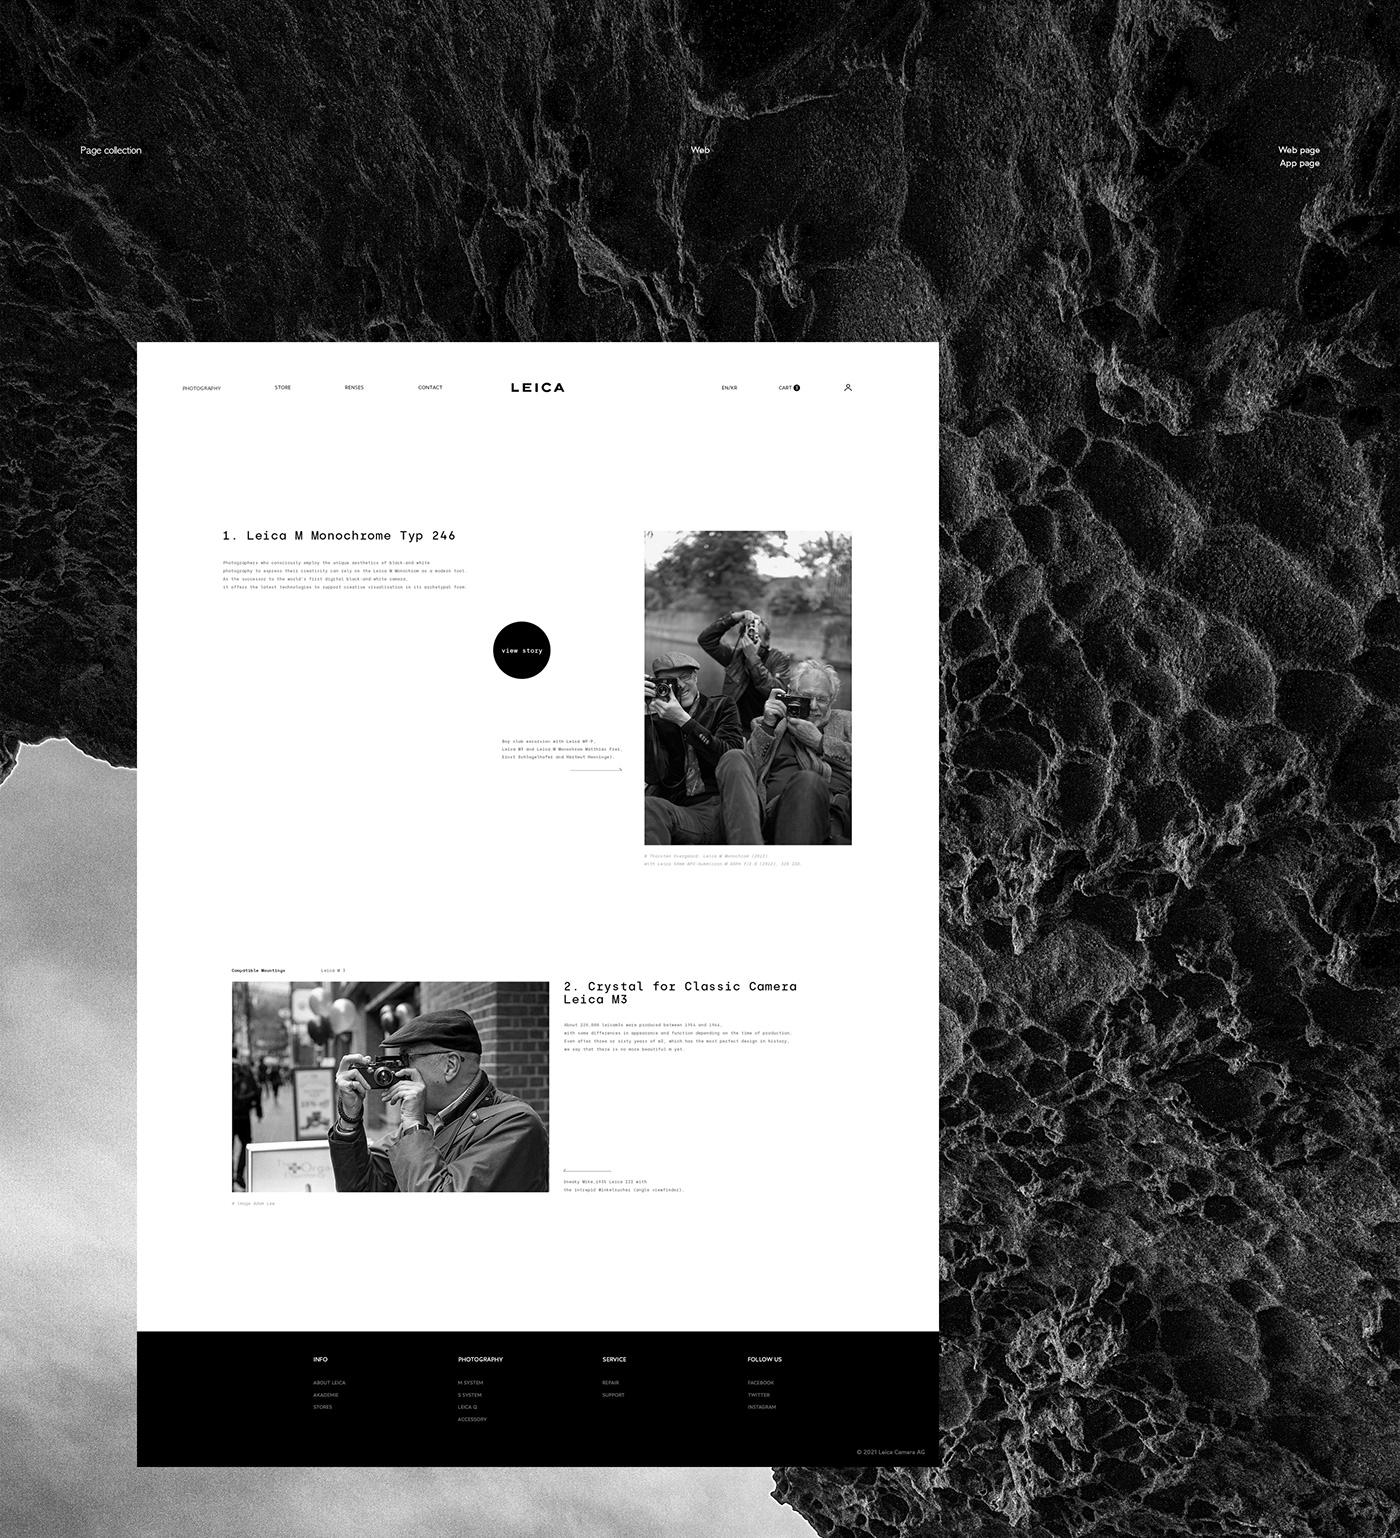 app,camera,Canon,GUI,Leica,mobile,Nikon,phaseone,UI,uxui